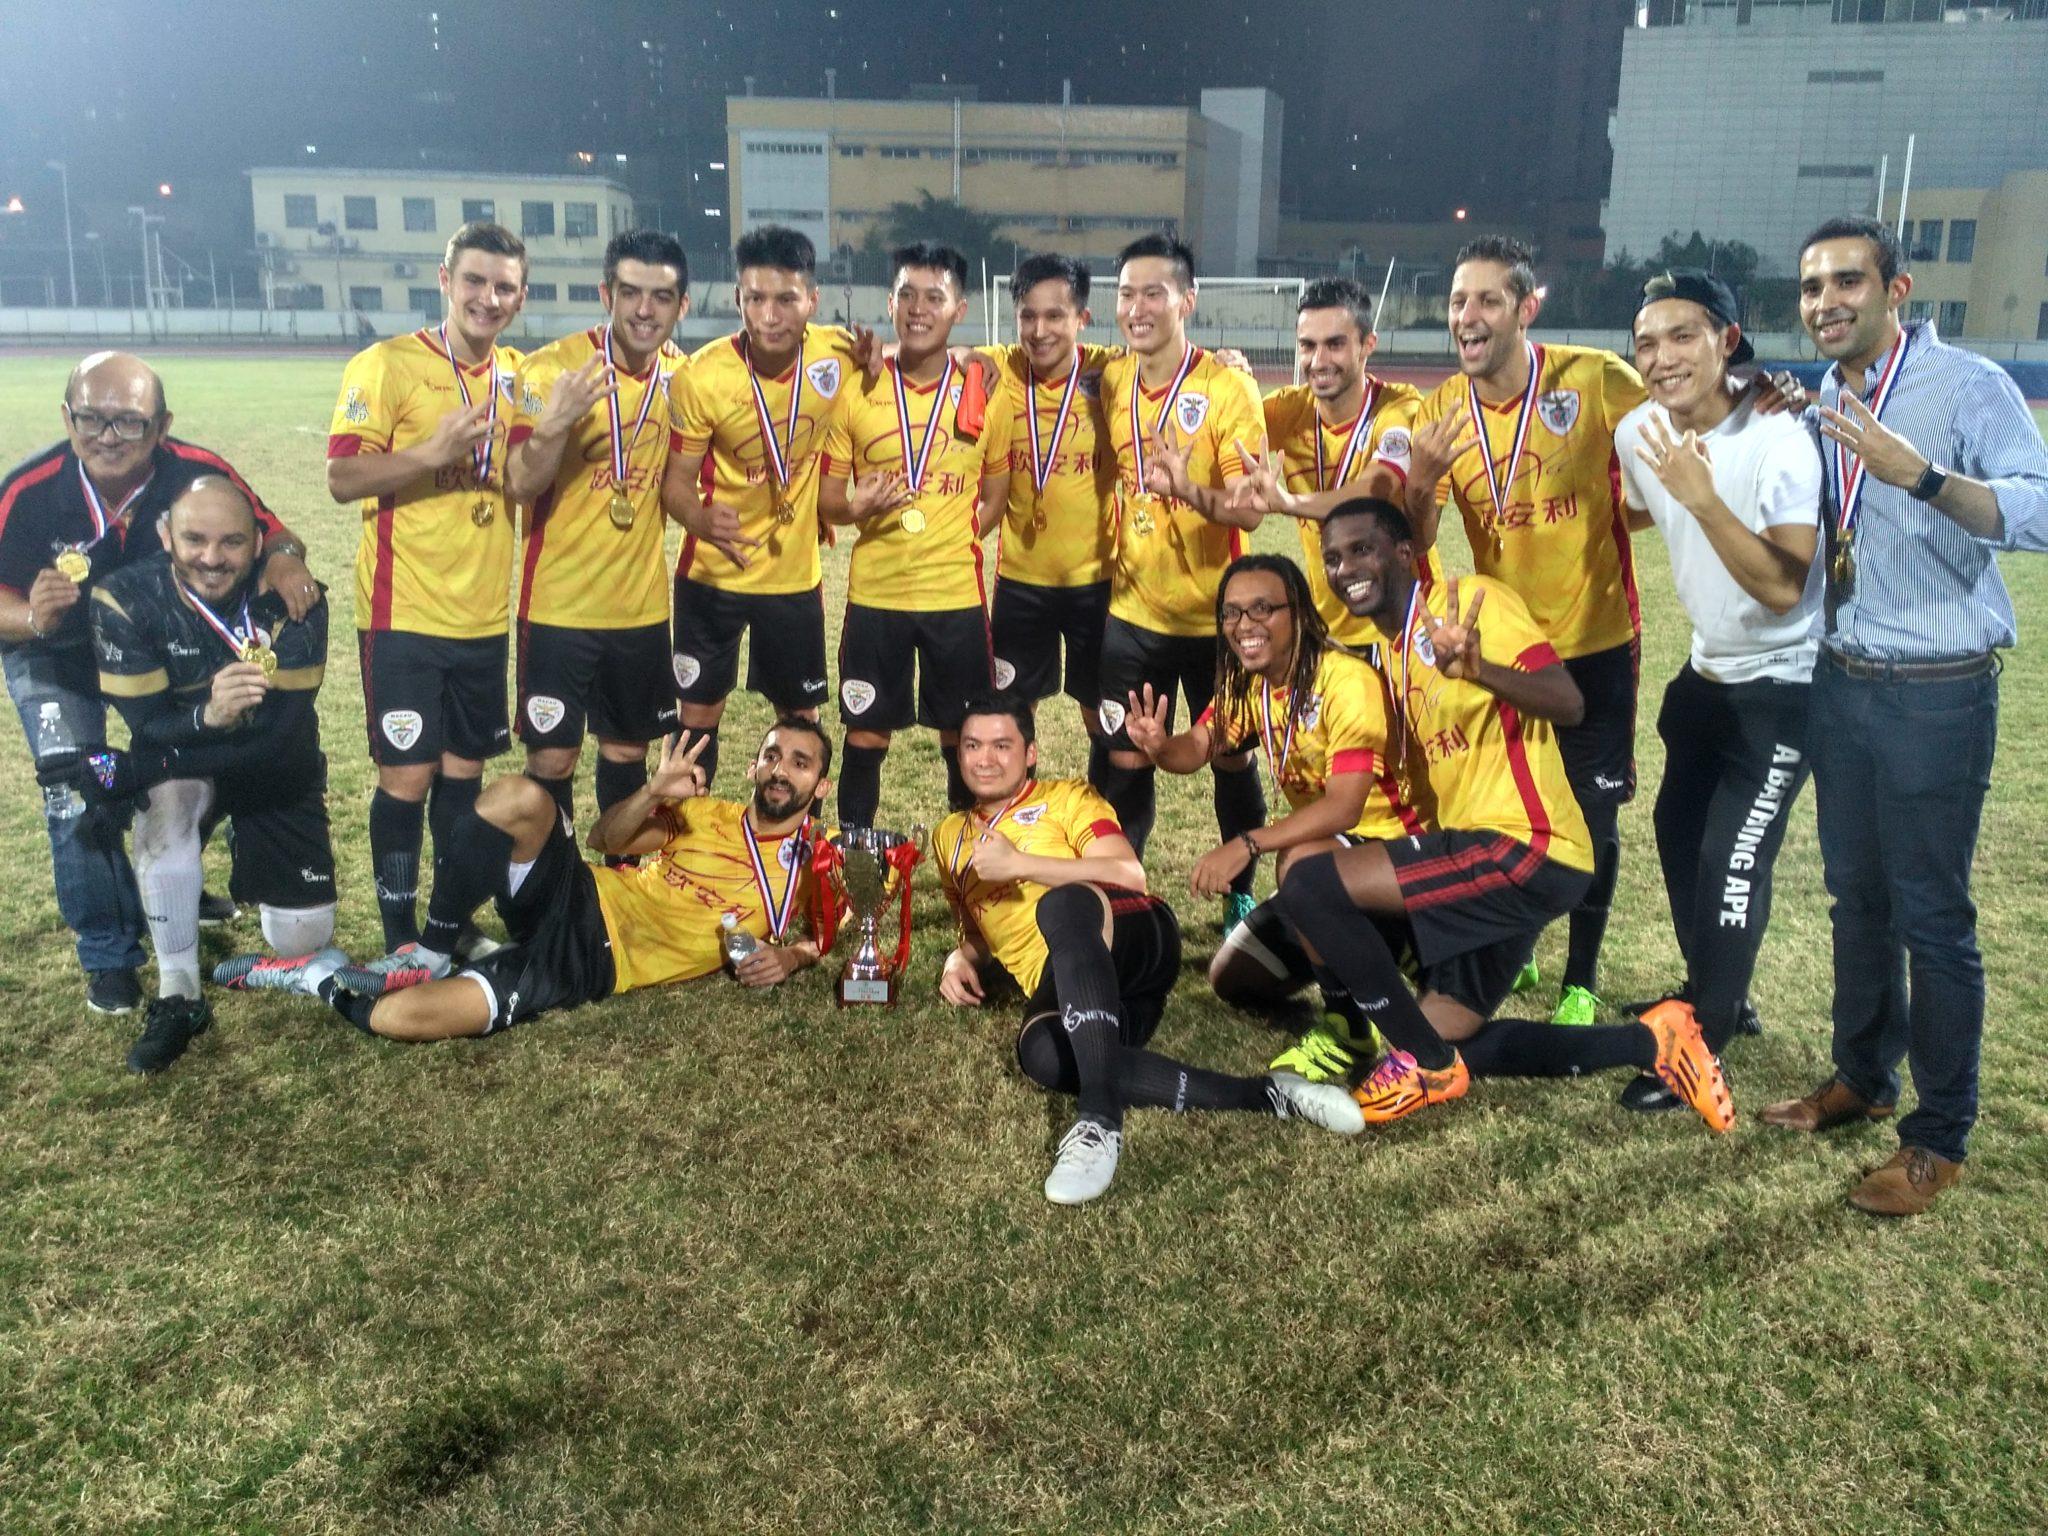 Águias vencem Ka I por 3-0 e conquistam Torneio de Futebol de Sete